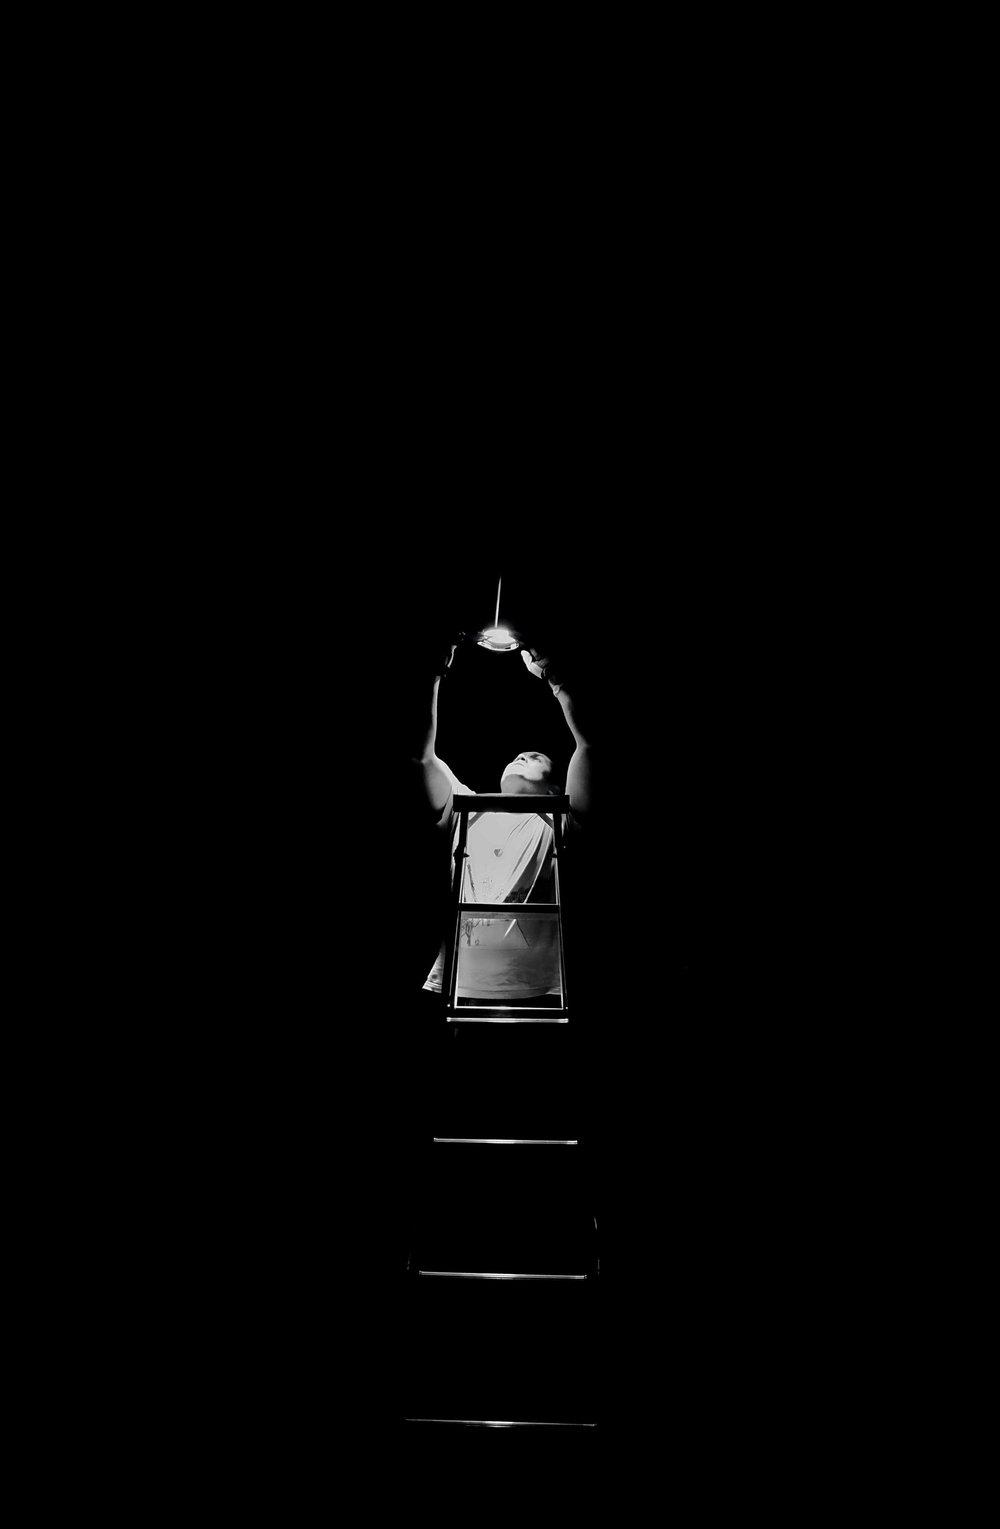 # prestar atenção a pensamentos, sentimentos e sensações corporais para se tornar diretamente consciente deles, e mais capaz de gerenciá-los;  # tem origens em práticas contemplativas milenares e também se baseia em avanços científicos recentes;  # é de valor potencial para todos que buscam ter saúde e sucesso em um mundo frenético.